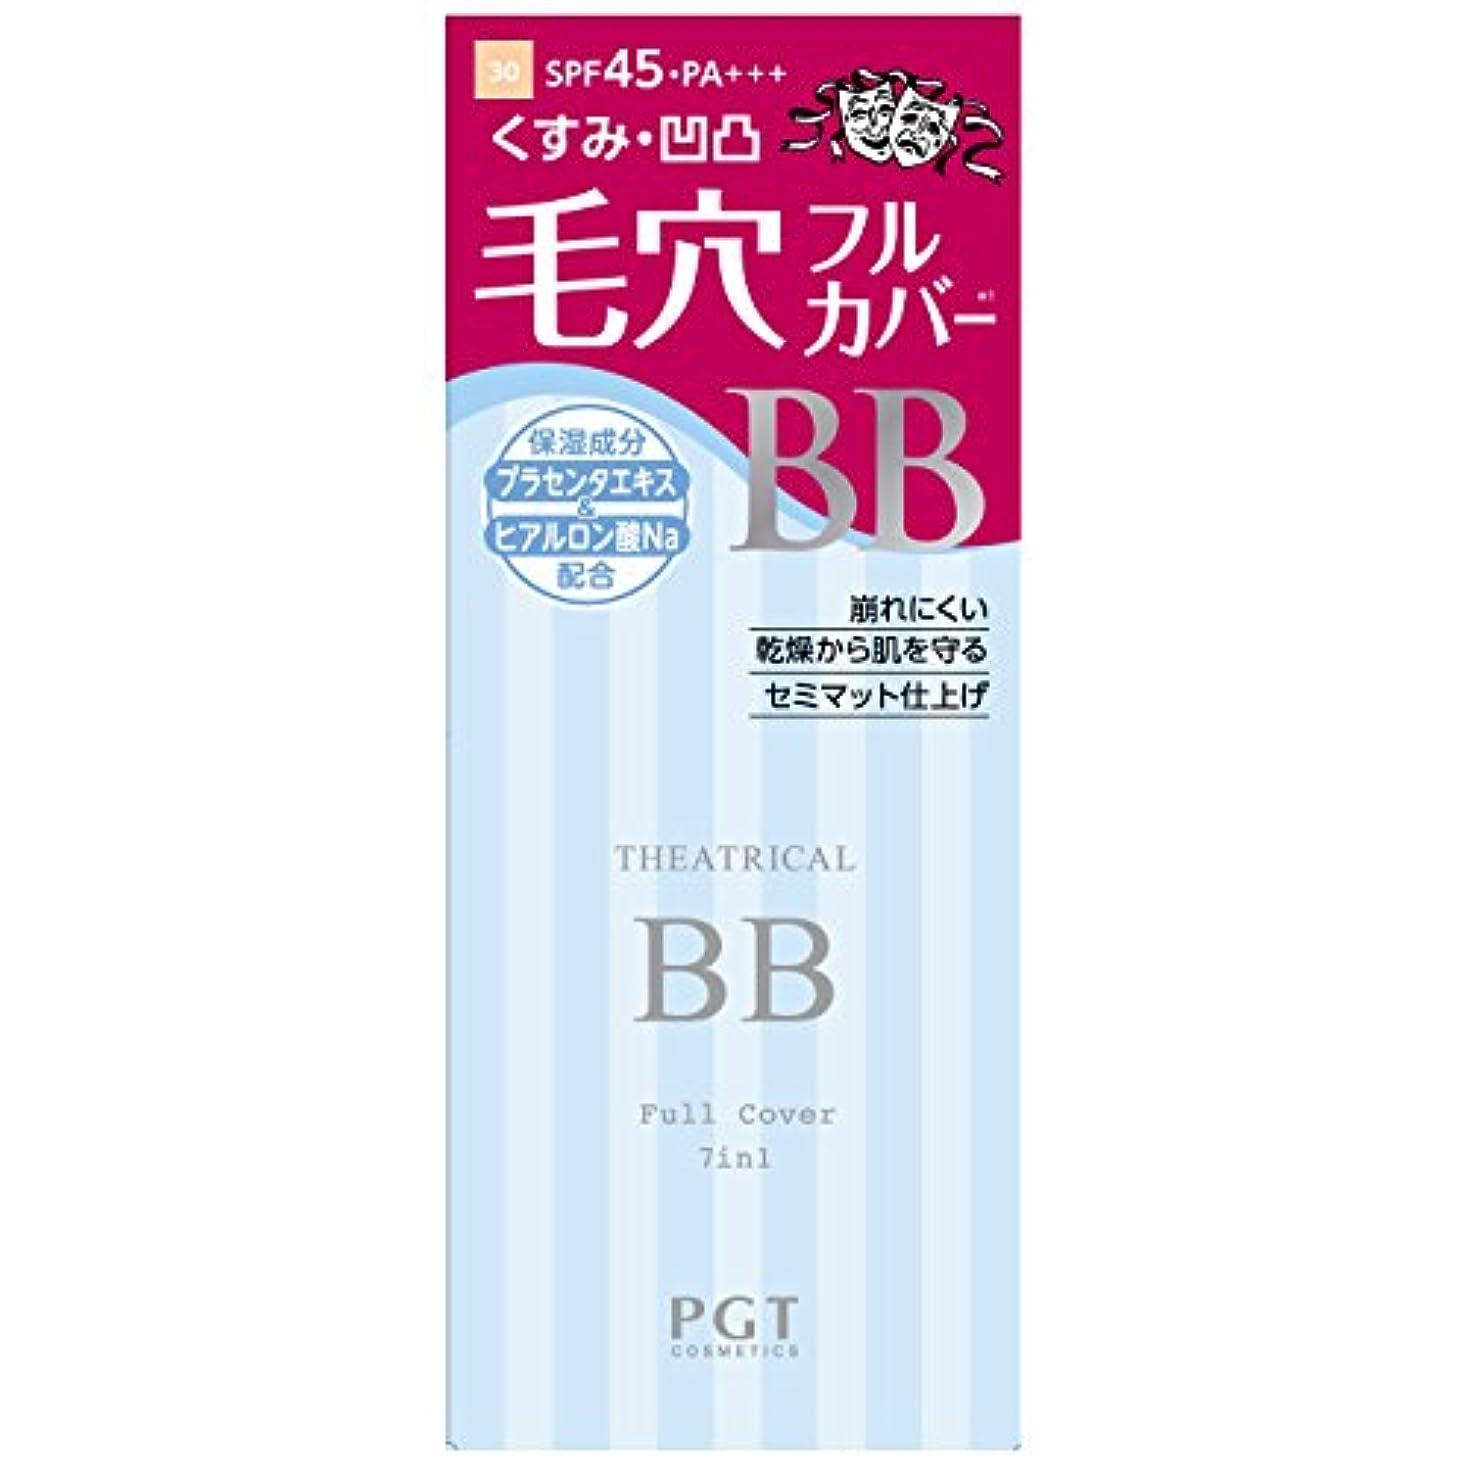 口ひげアトムコントラストパルガントン シアトリカルBBクリーム#30 ナチュラルオークル  25g SPF45/PA+++